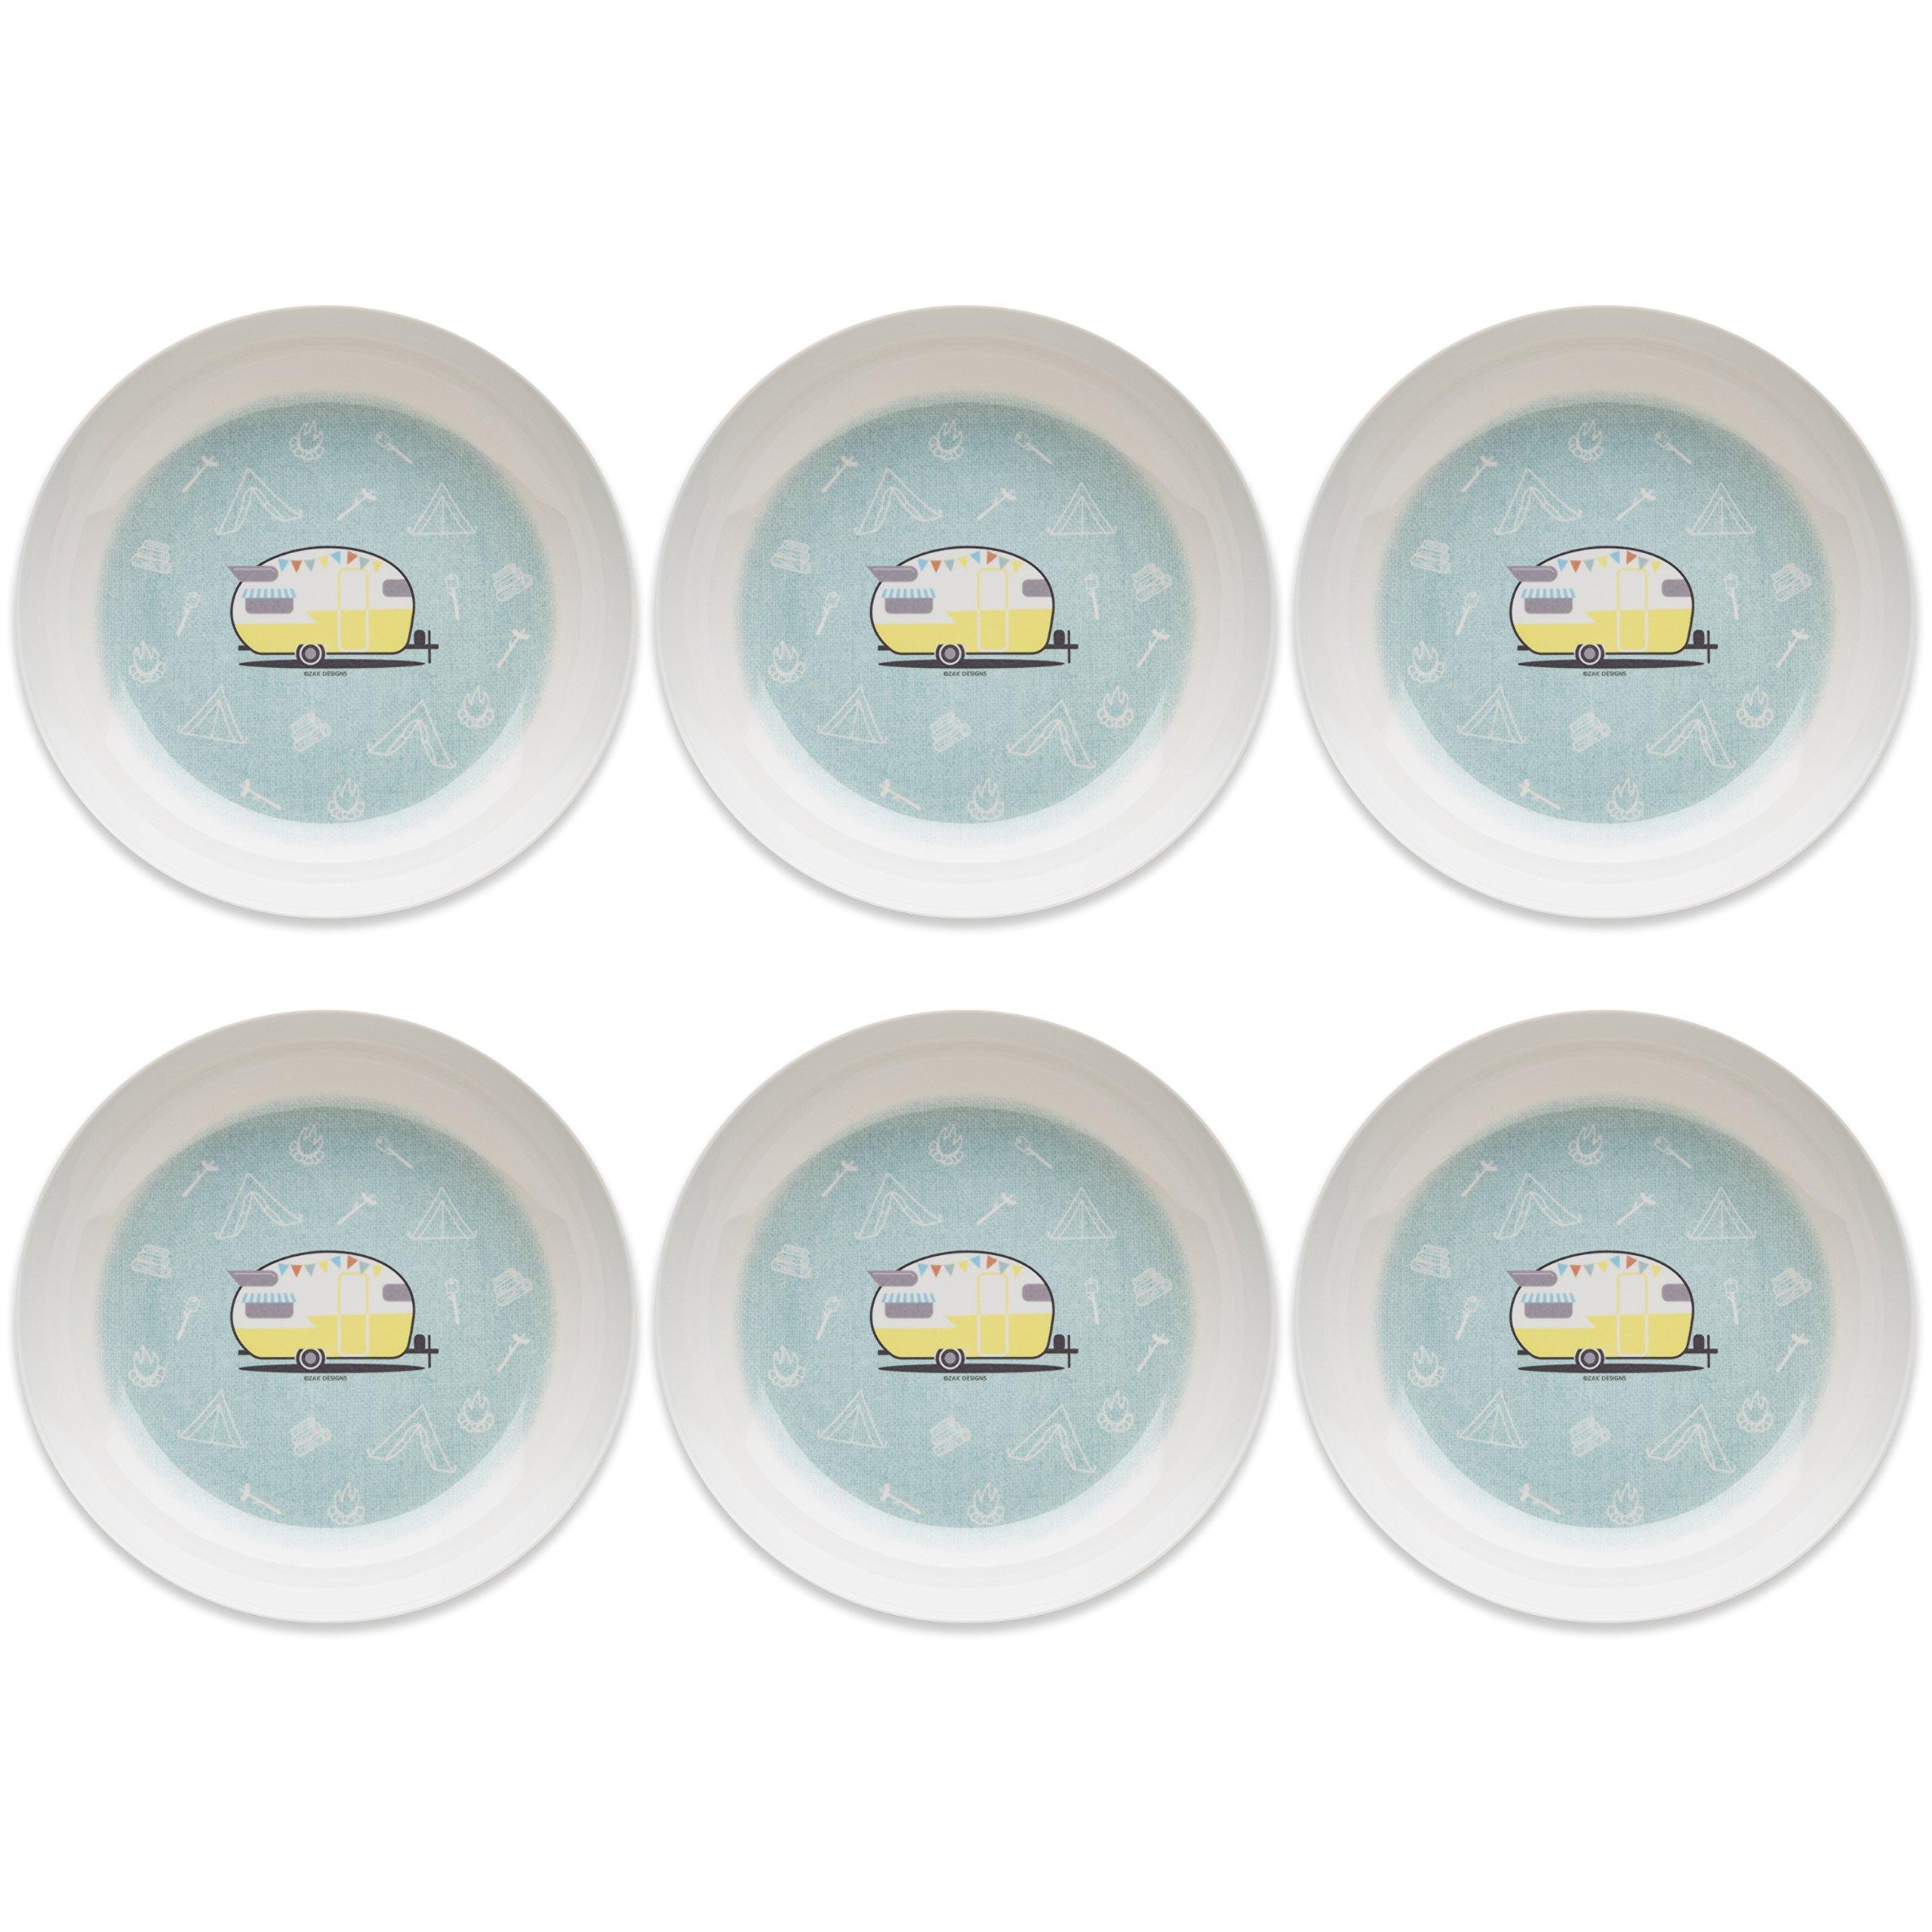 Zak Designs Adventurer 8-inch Melamine Bowls, Travel Trailer, 6 piece set